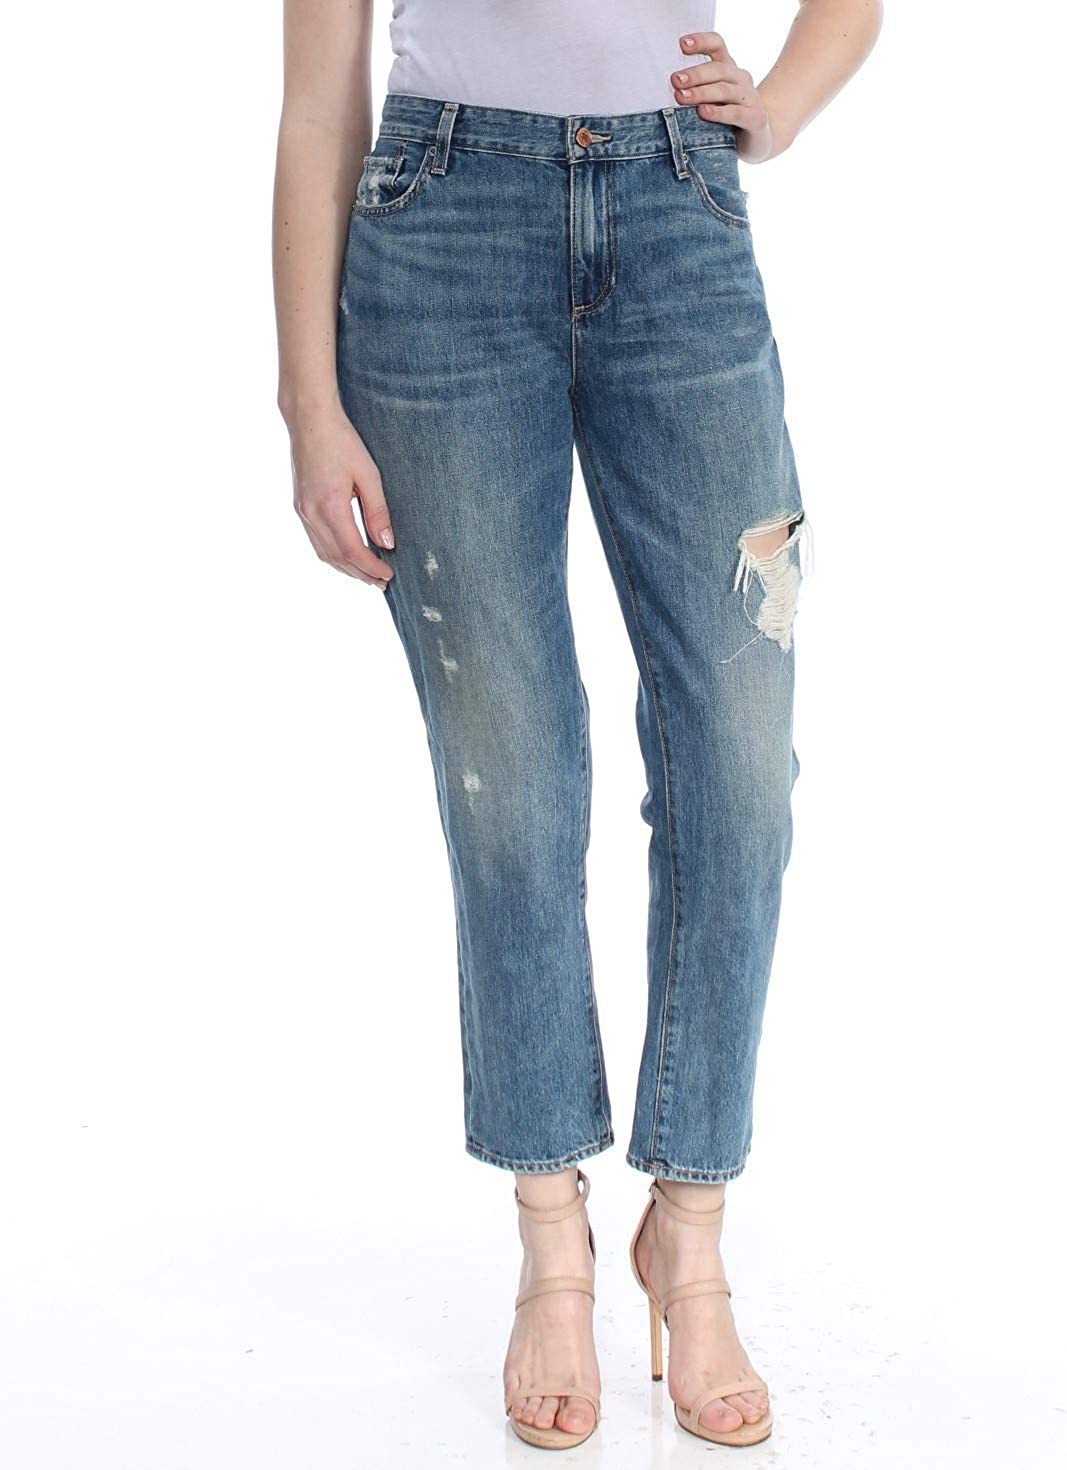 Lucky Spring new work Brand Women's Max 85% OFF Mid Rise Sienna Hatch Slim Jean in Boyfriend